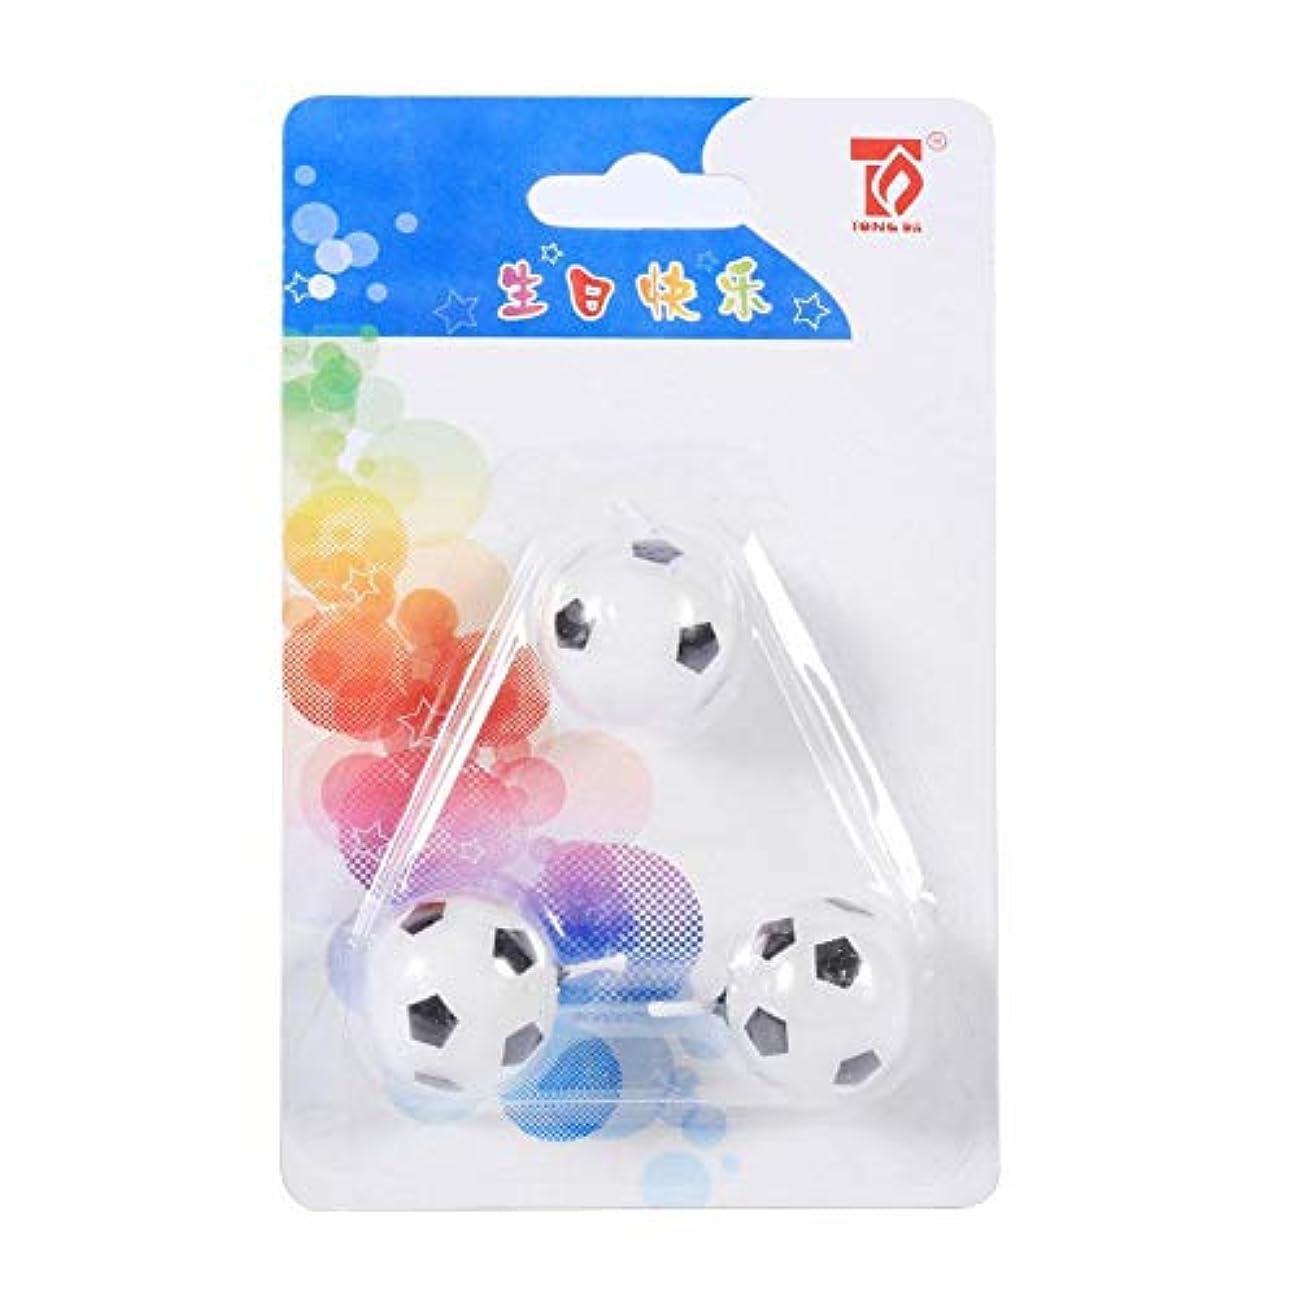 魂ポップメディカルEboxer キャンドル サッカーボールキャンドル キャンドル誕生日 子供向 3個入 サッカーボールの形 誕生日 パーティケーキのキャンドル 飾り物 可愛い